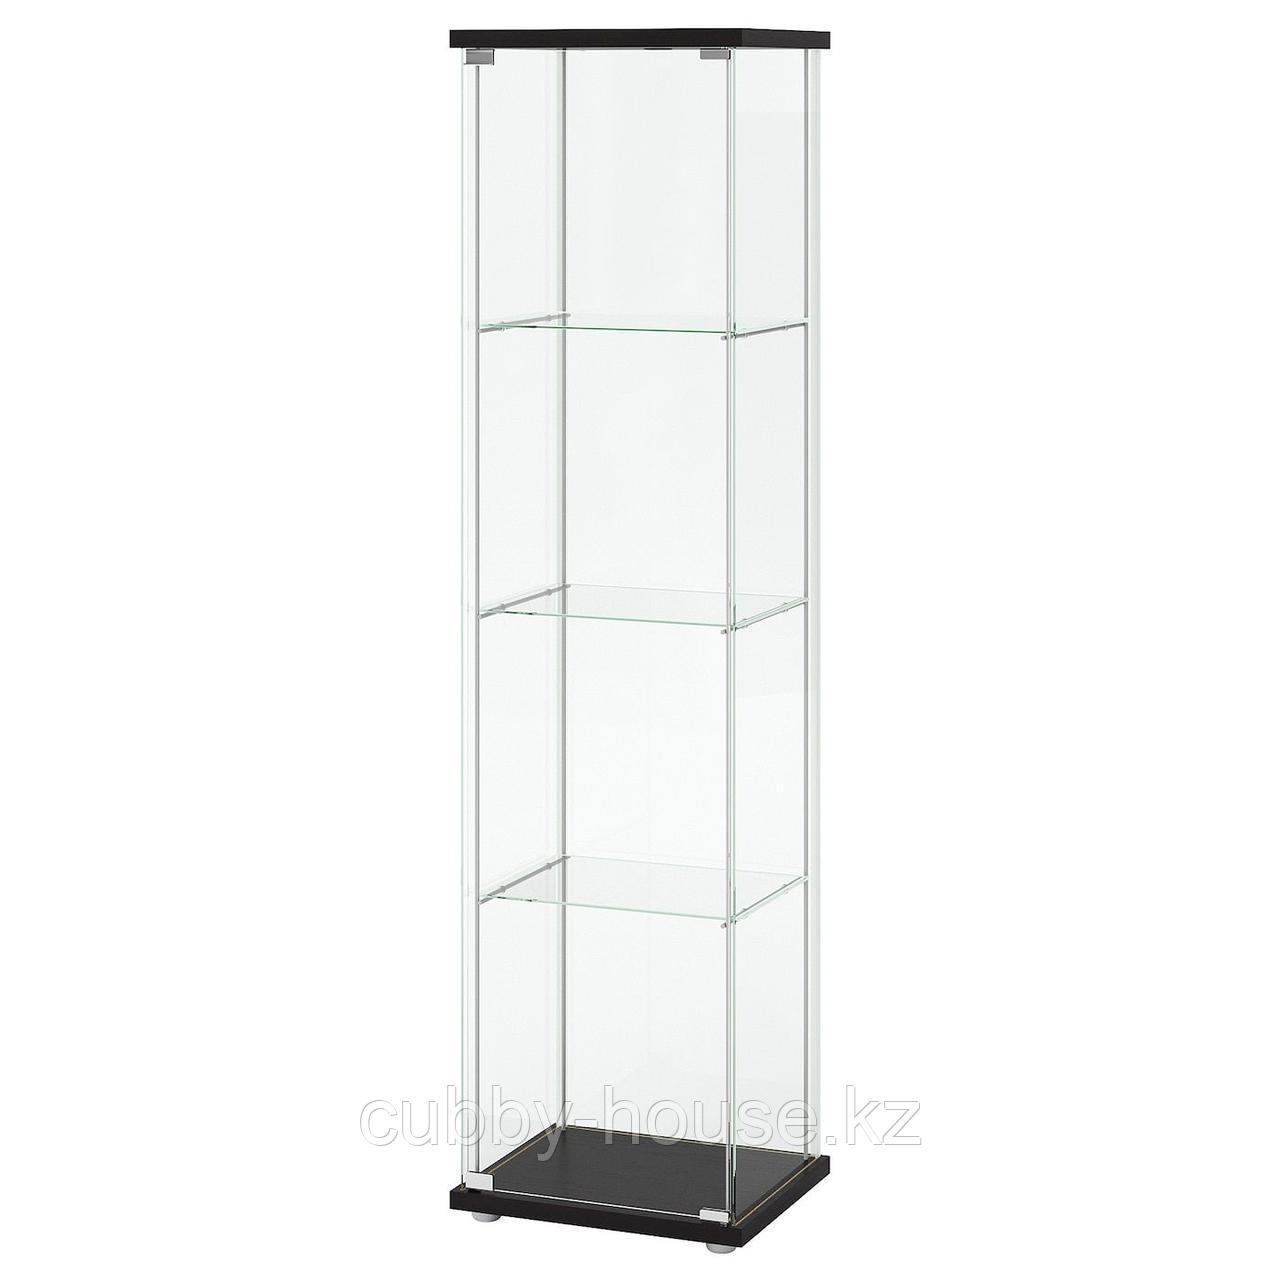 ДЕТОЛЬФ Шкаф-витрина, черно-коричневый, 43x163 см